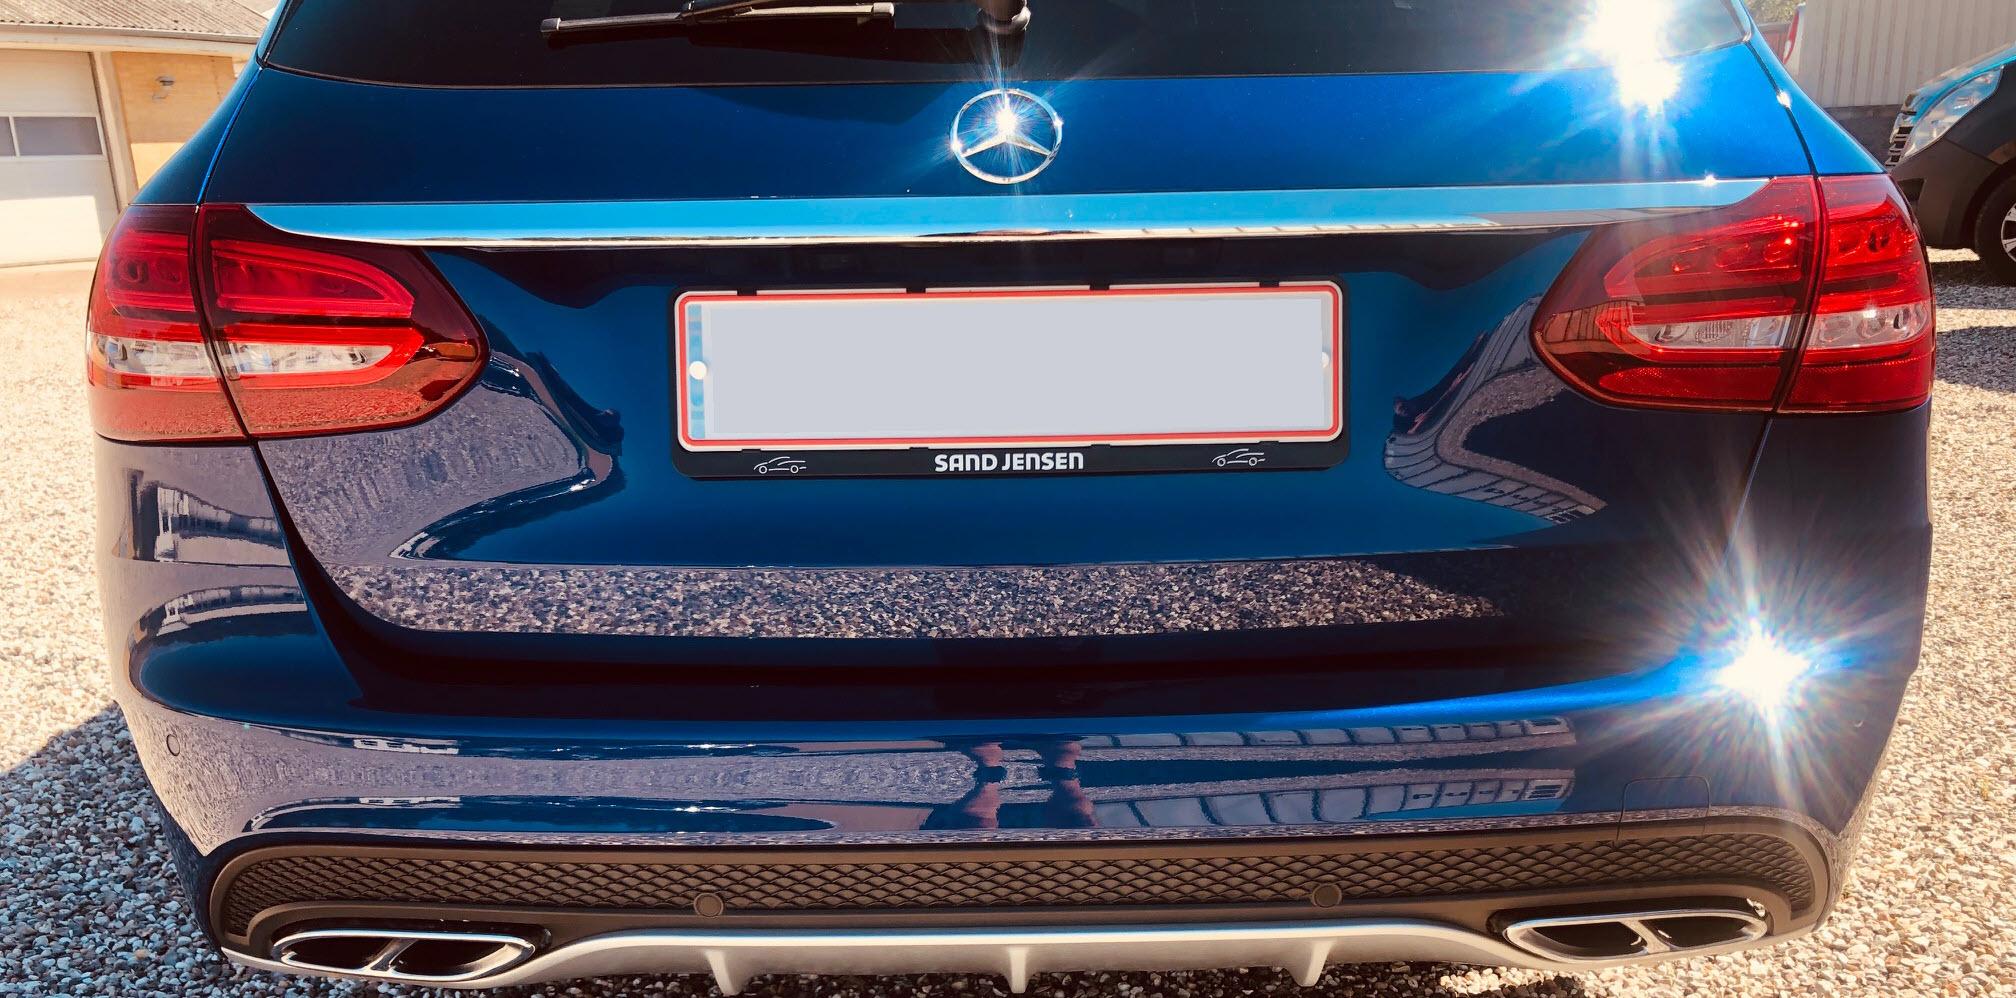 Mercedes C450 AMG 4 MATIC - behandlet hos Bilpleje Hadsten